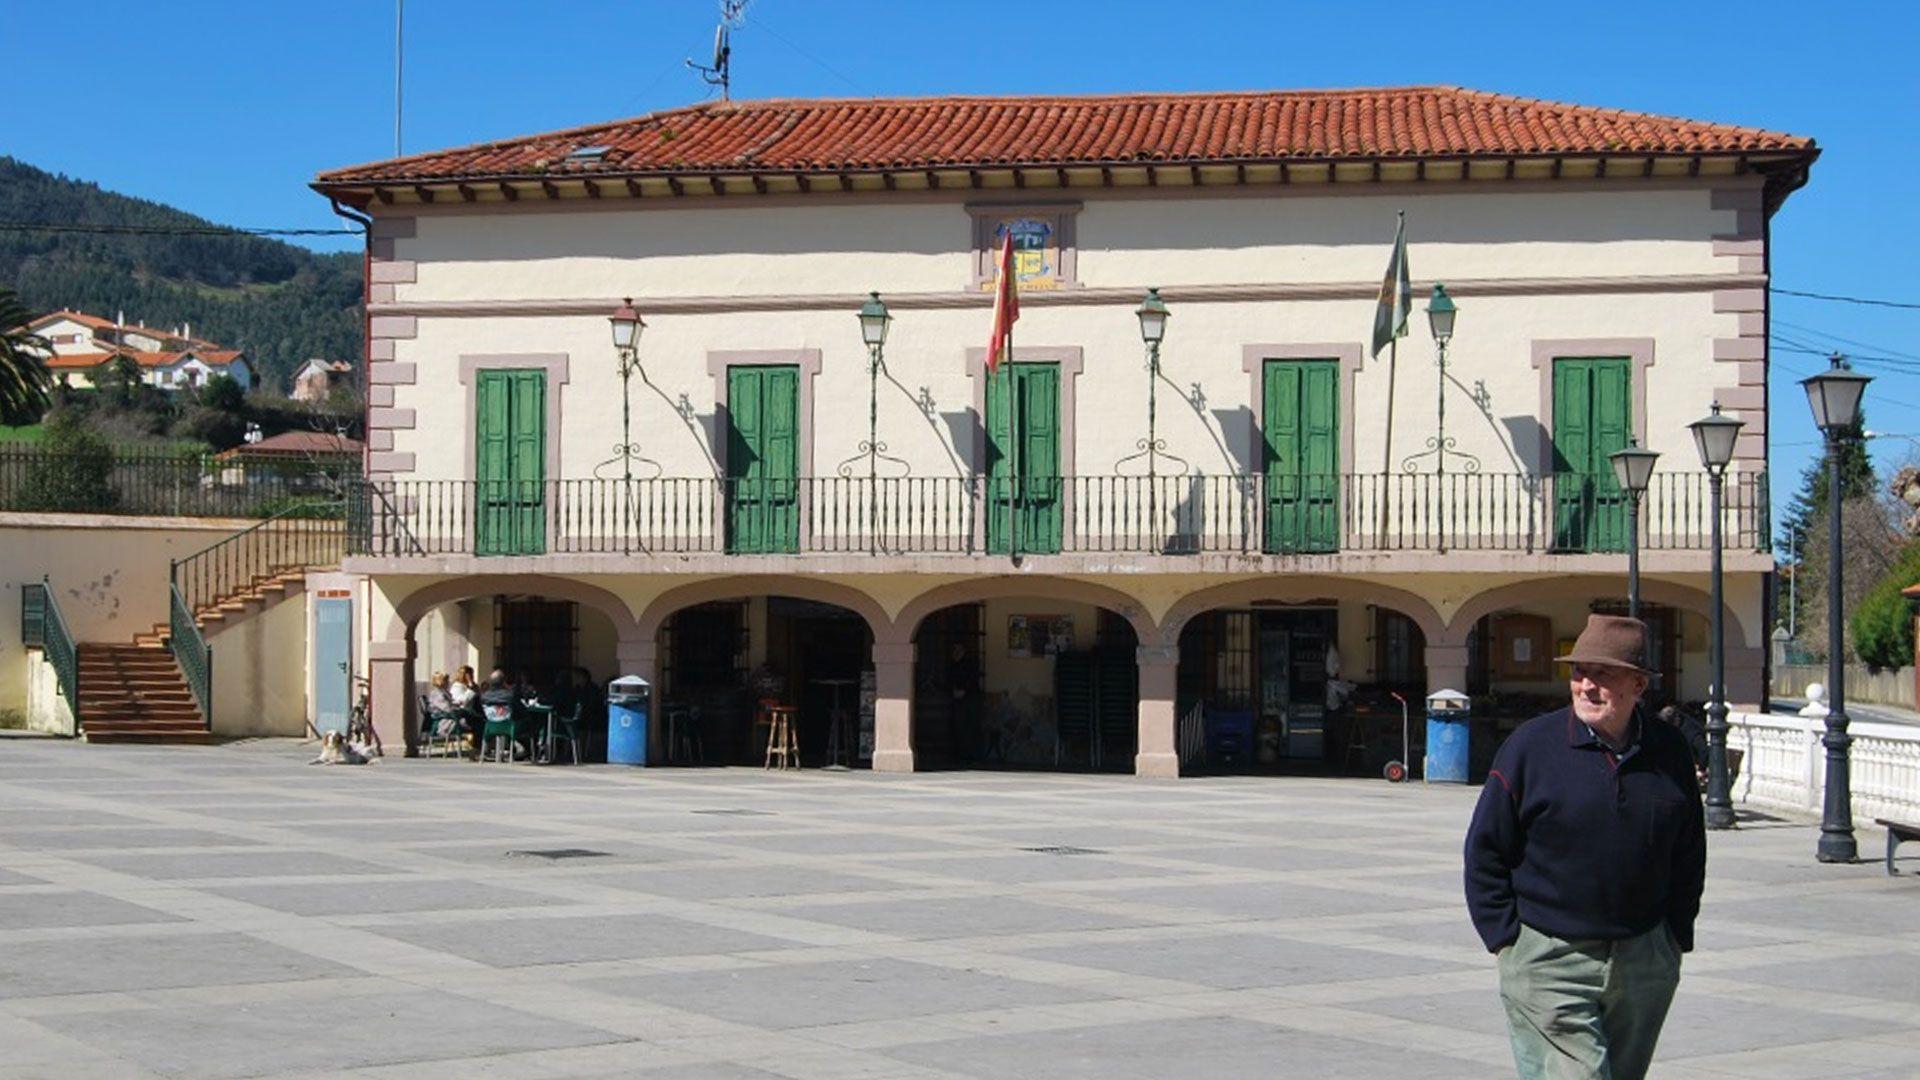 Plaza de Pueblo Camino del Norte